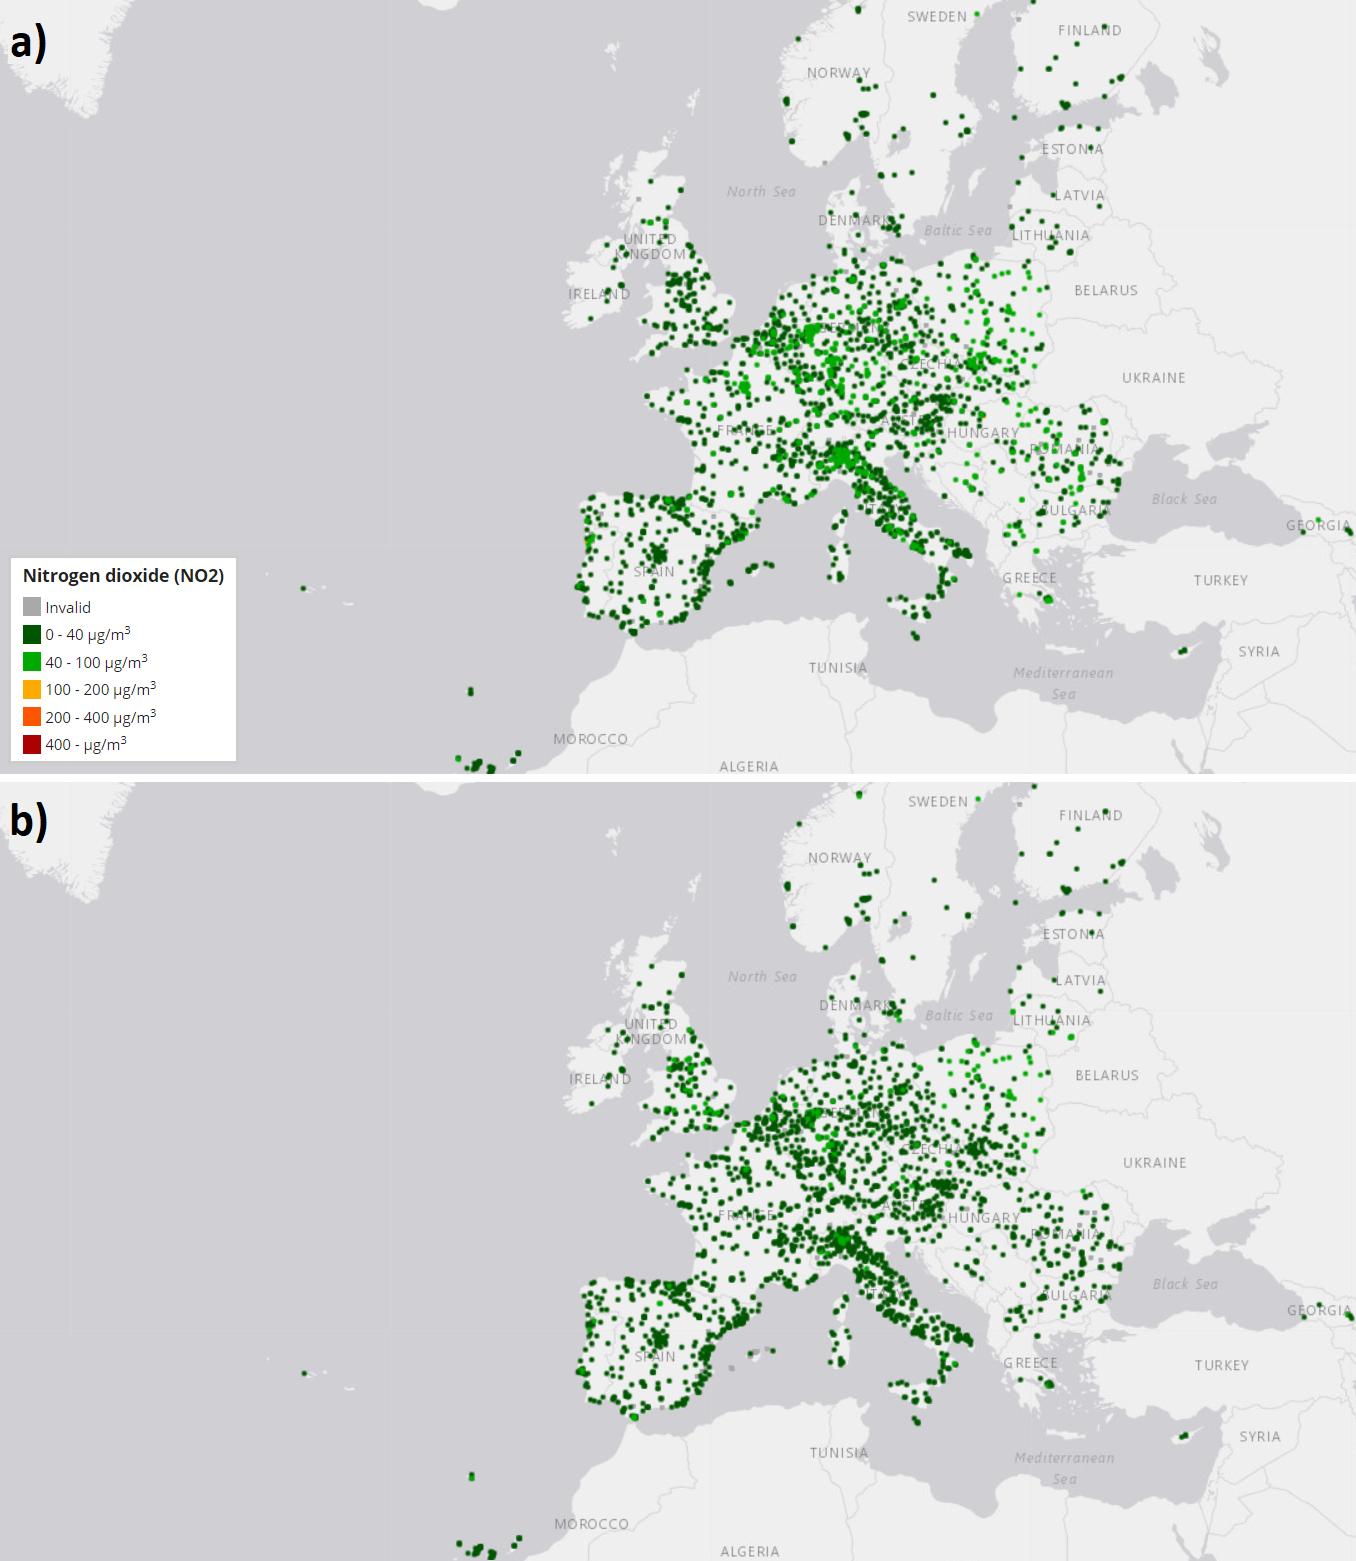 Evolução da qualidade do ar na Europa numa semana, em relação à concentração de dióxido de nitrogénio em: a) 17 de março às 22h; e b) 24 de março às 22h. Fonte: EEA